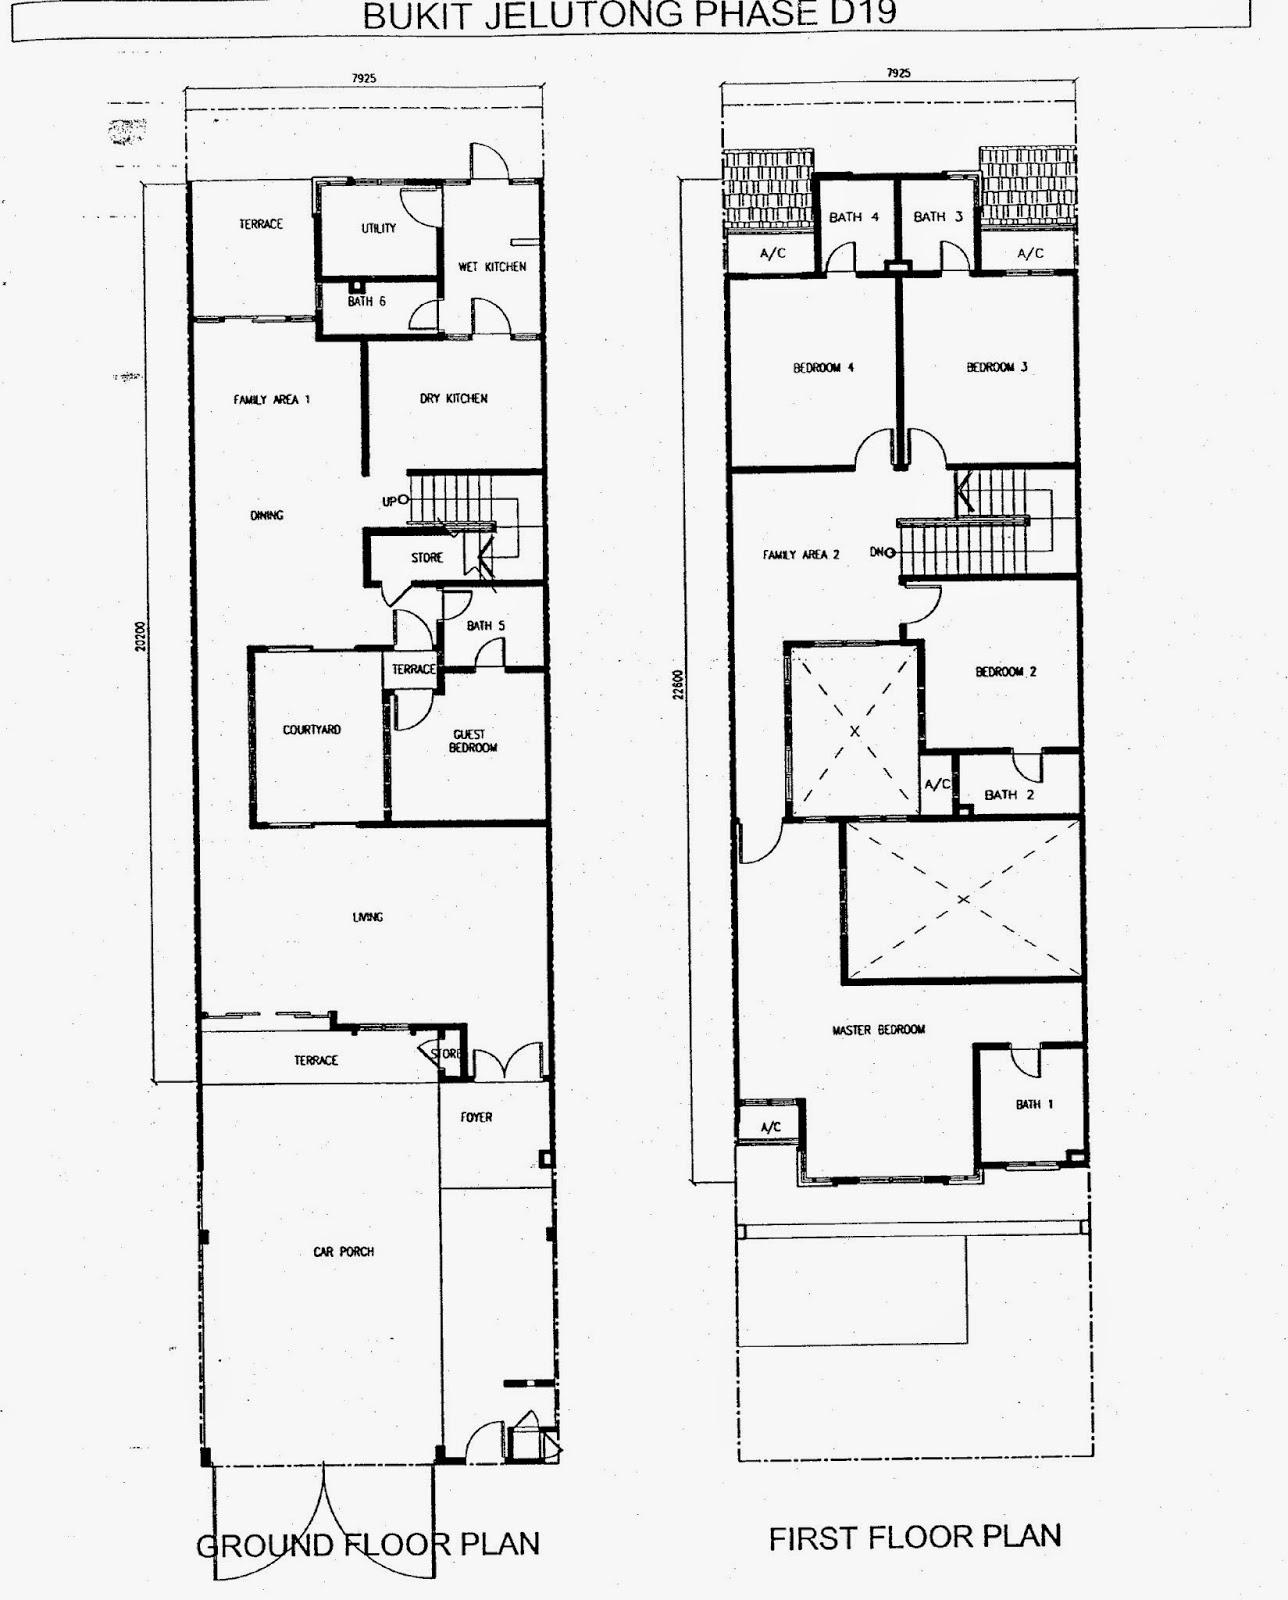 Lagenda 2 Superlink House 24x100 Feet Urgent Sale Your